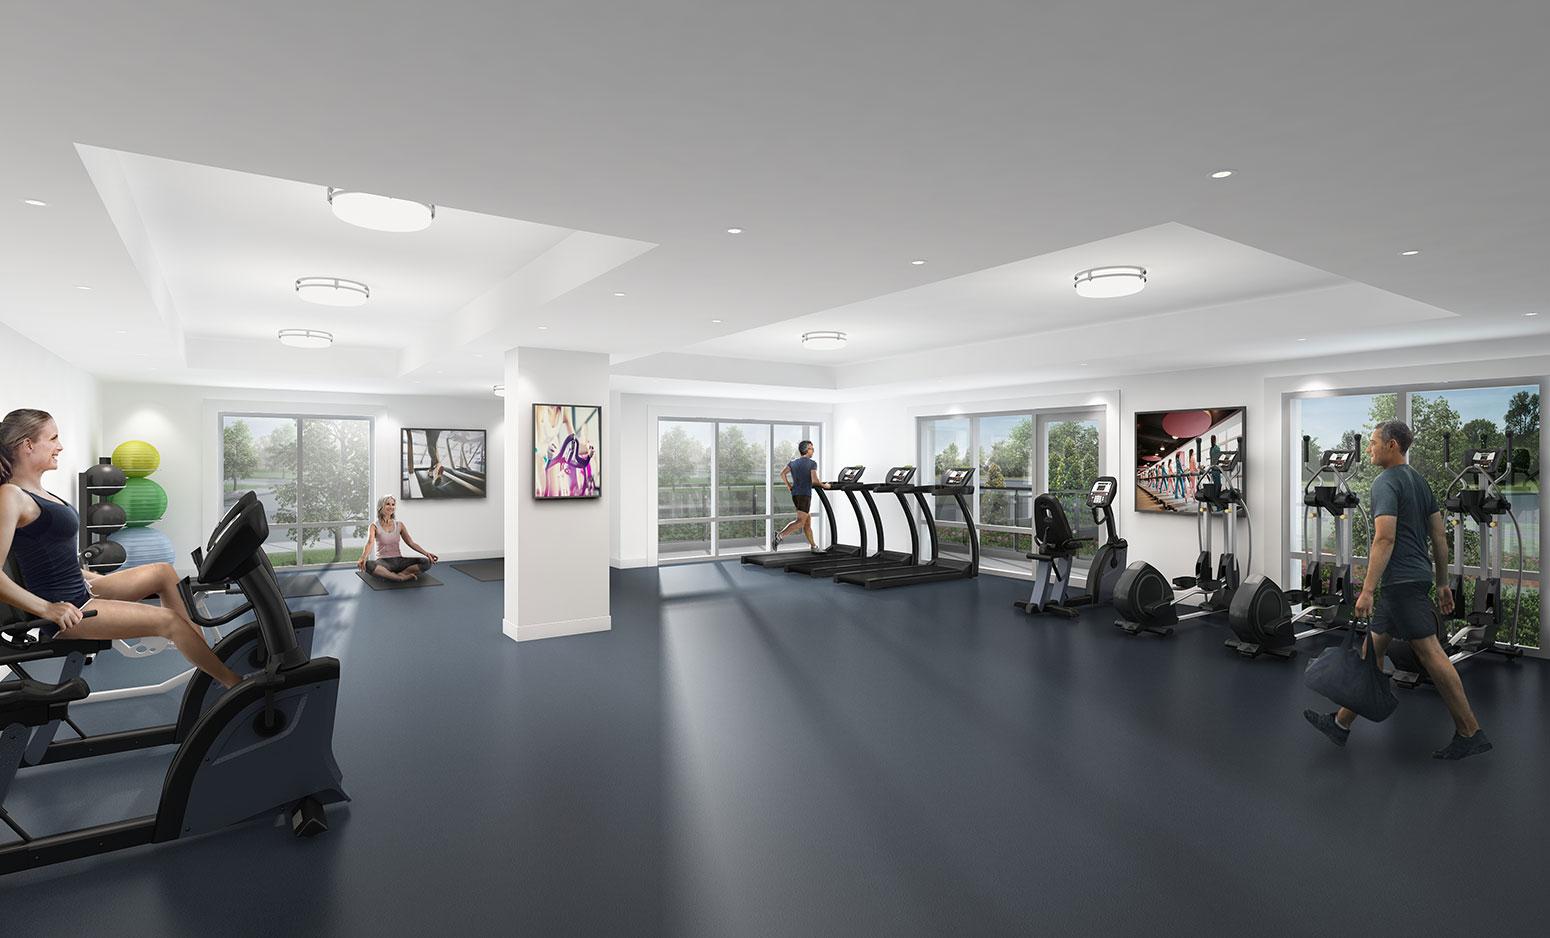 modo-51-condo-gym